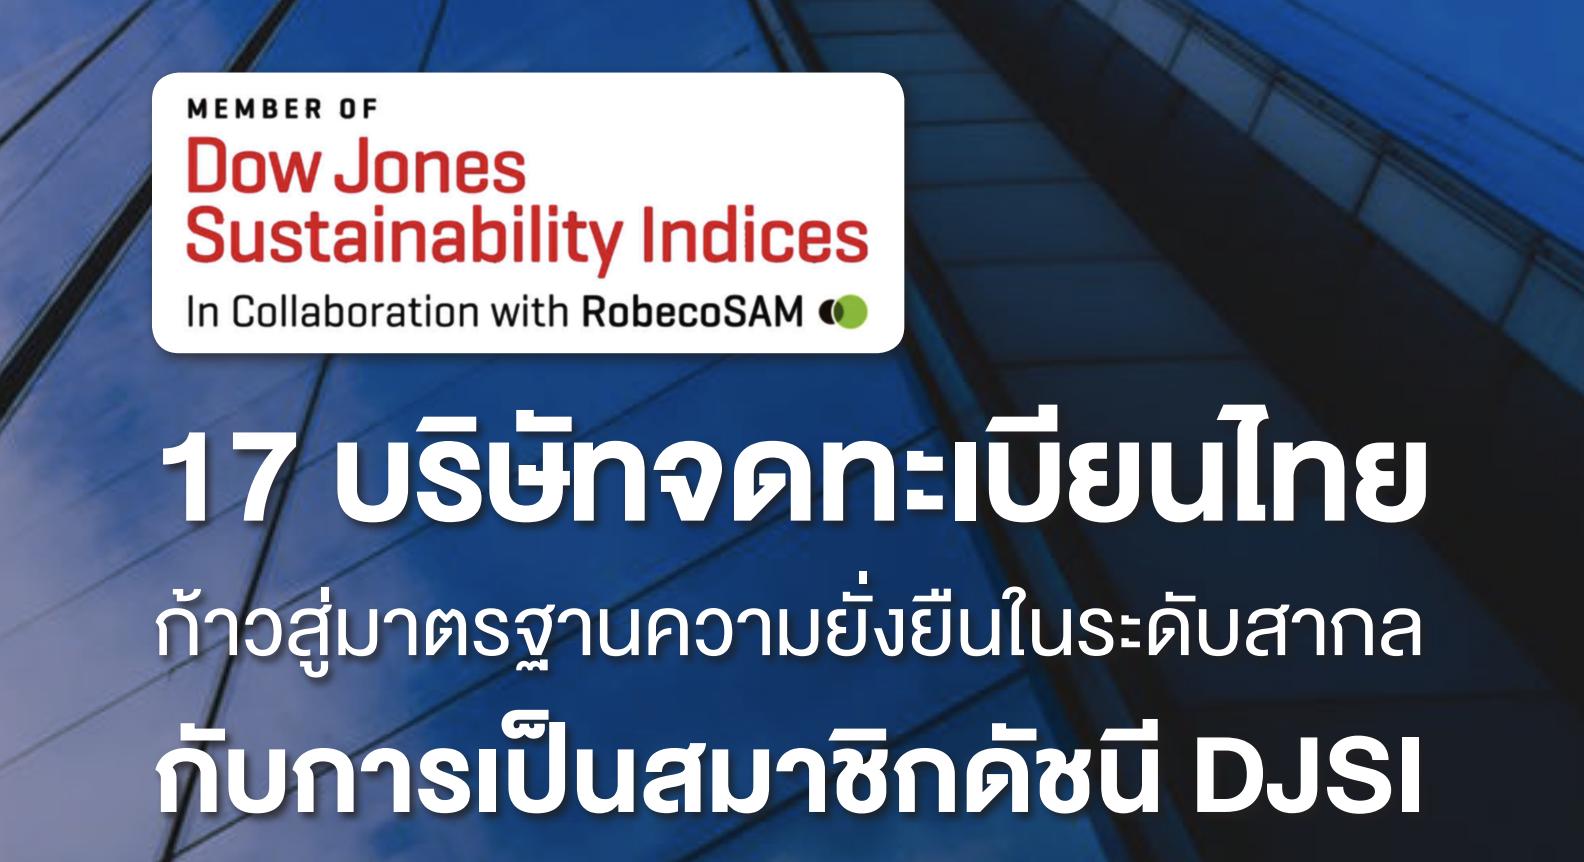 17 บริษัทจดทะเบียนไทย ก้าวสู่มาตรฐานระดับสากล